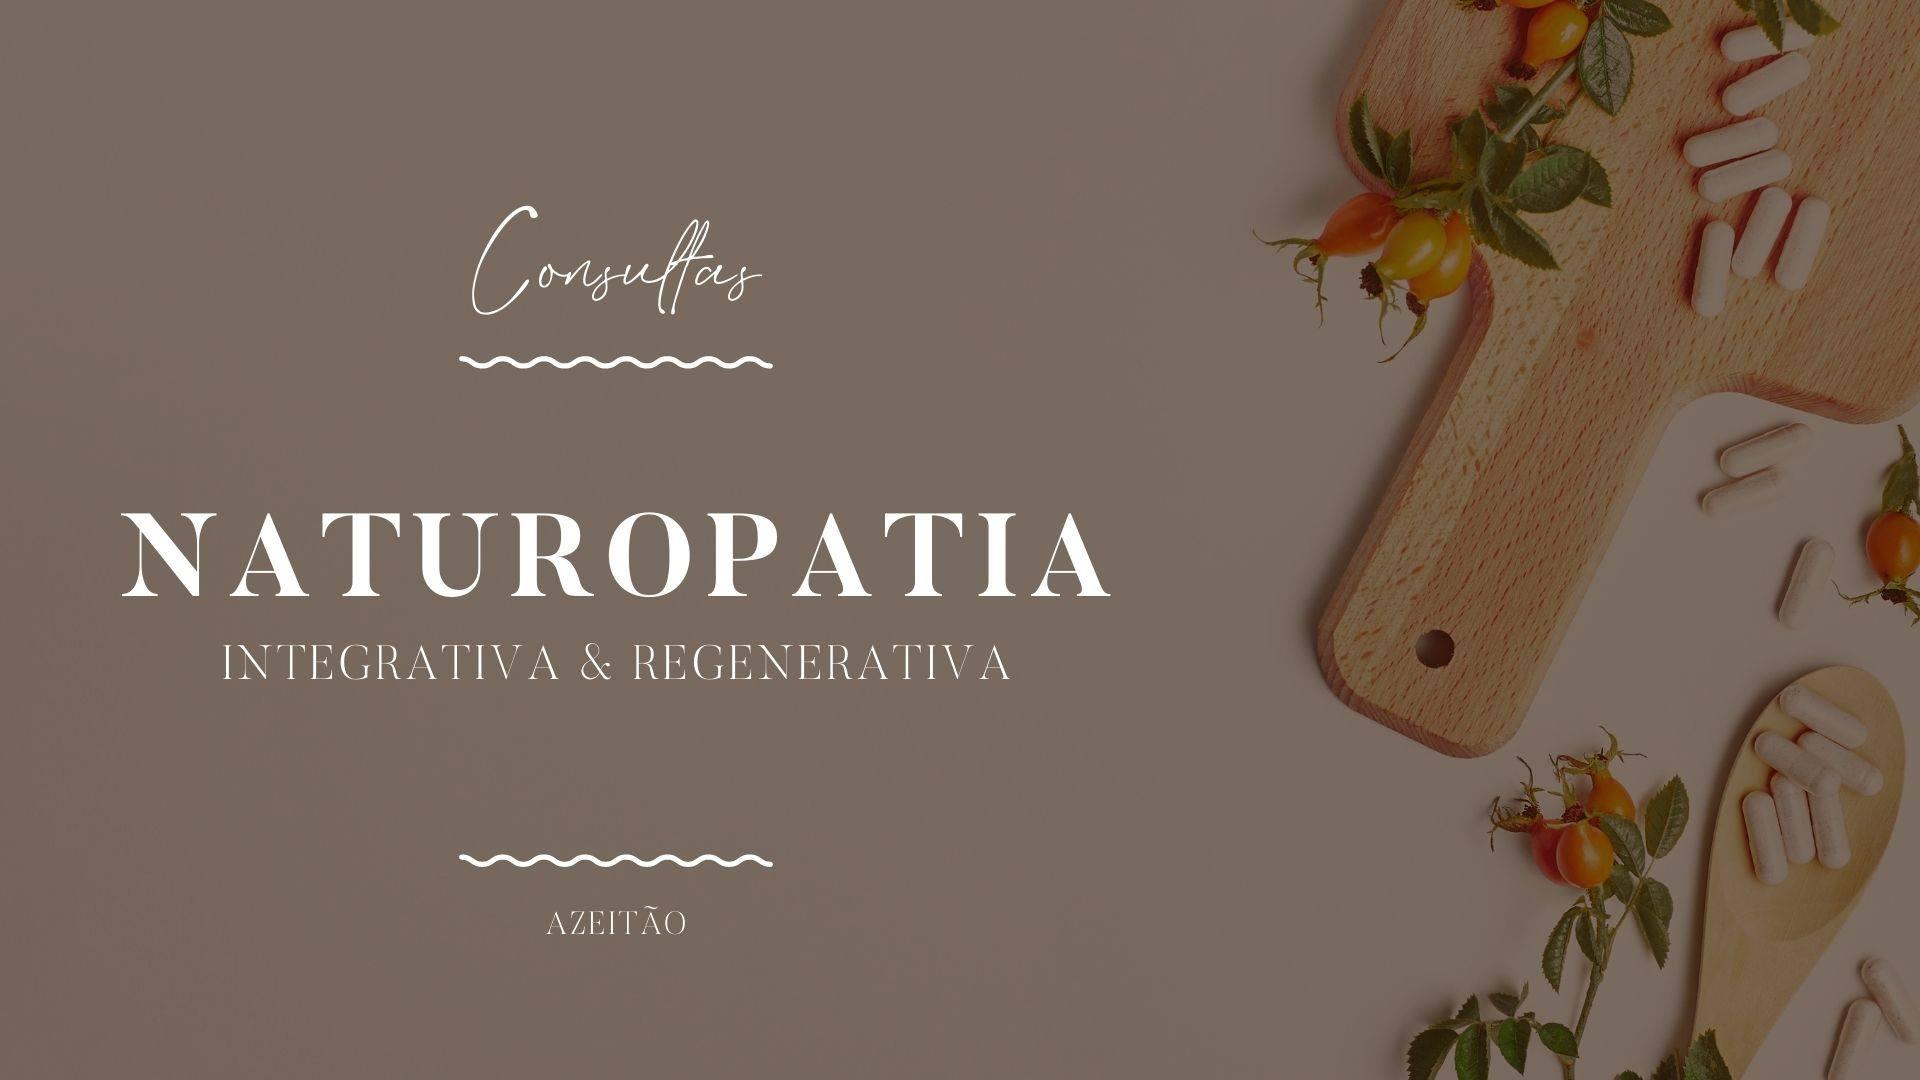 Naturopatia clássica